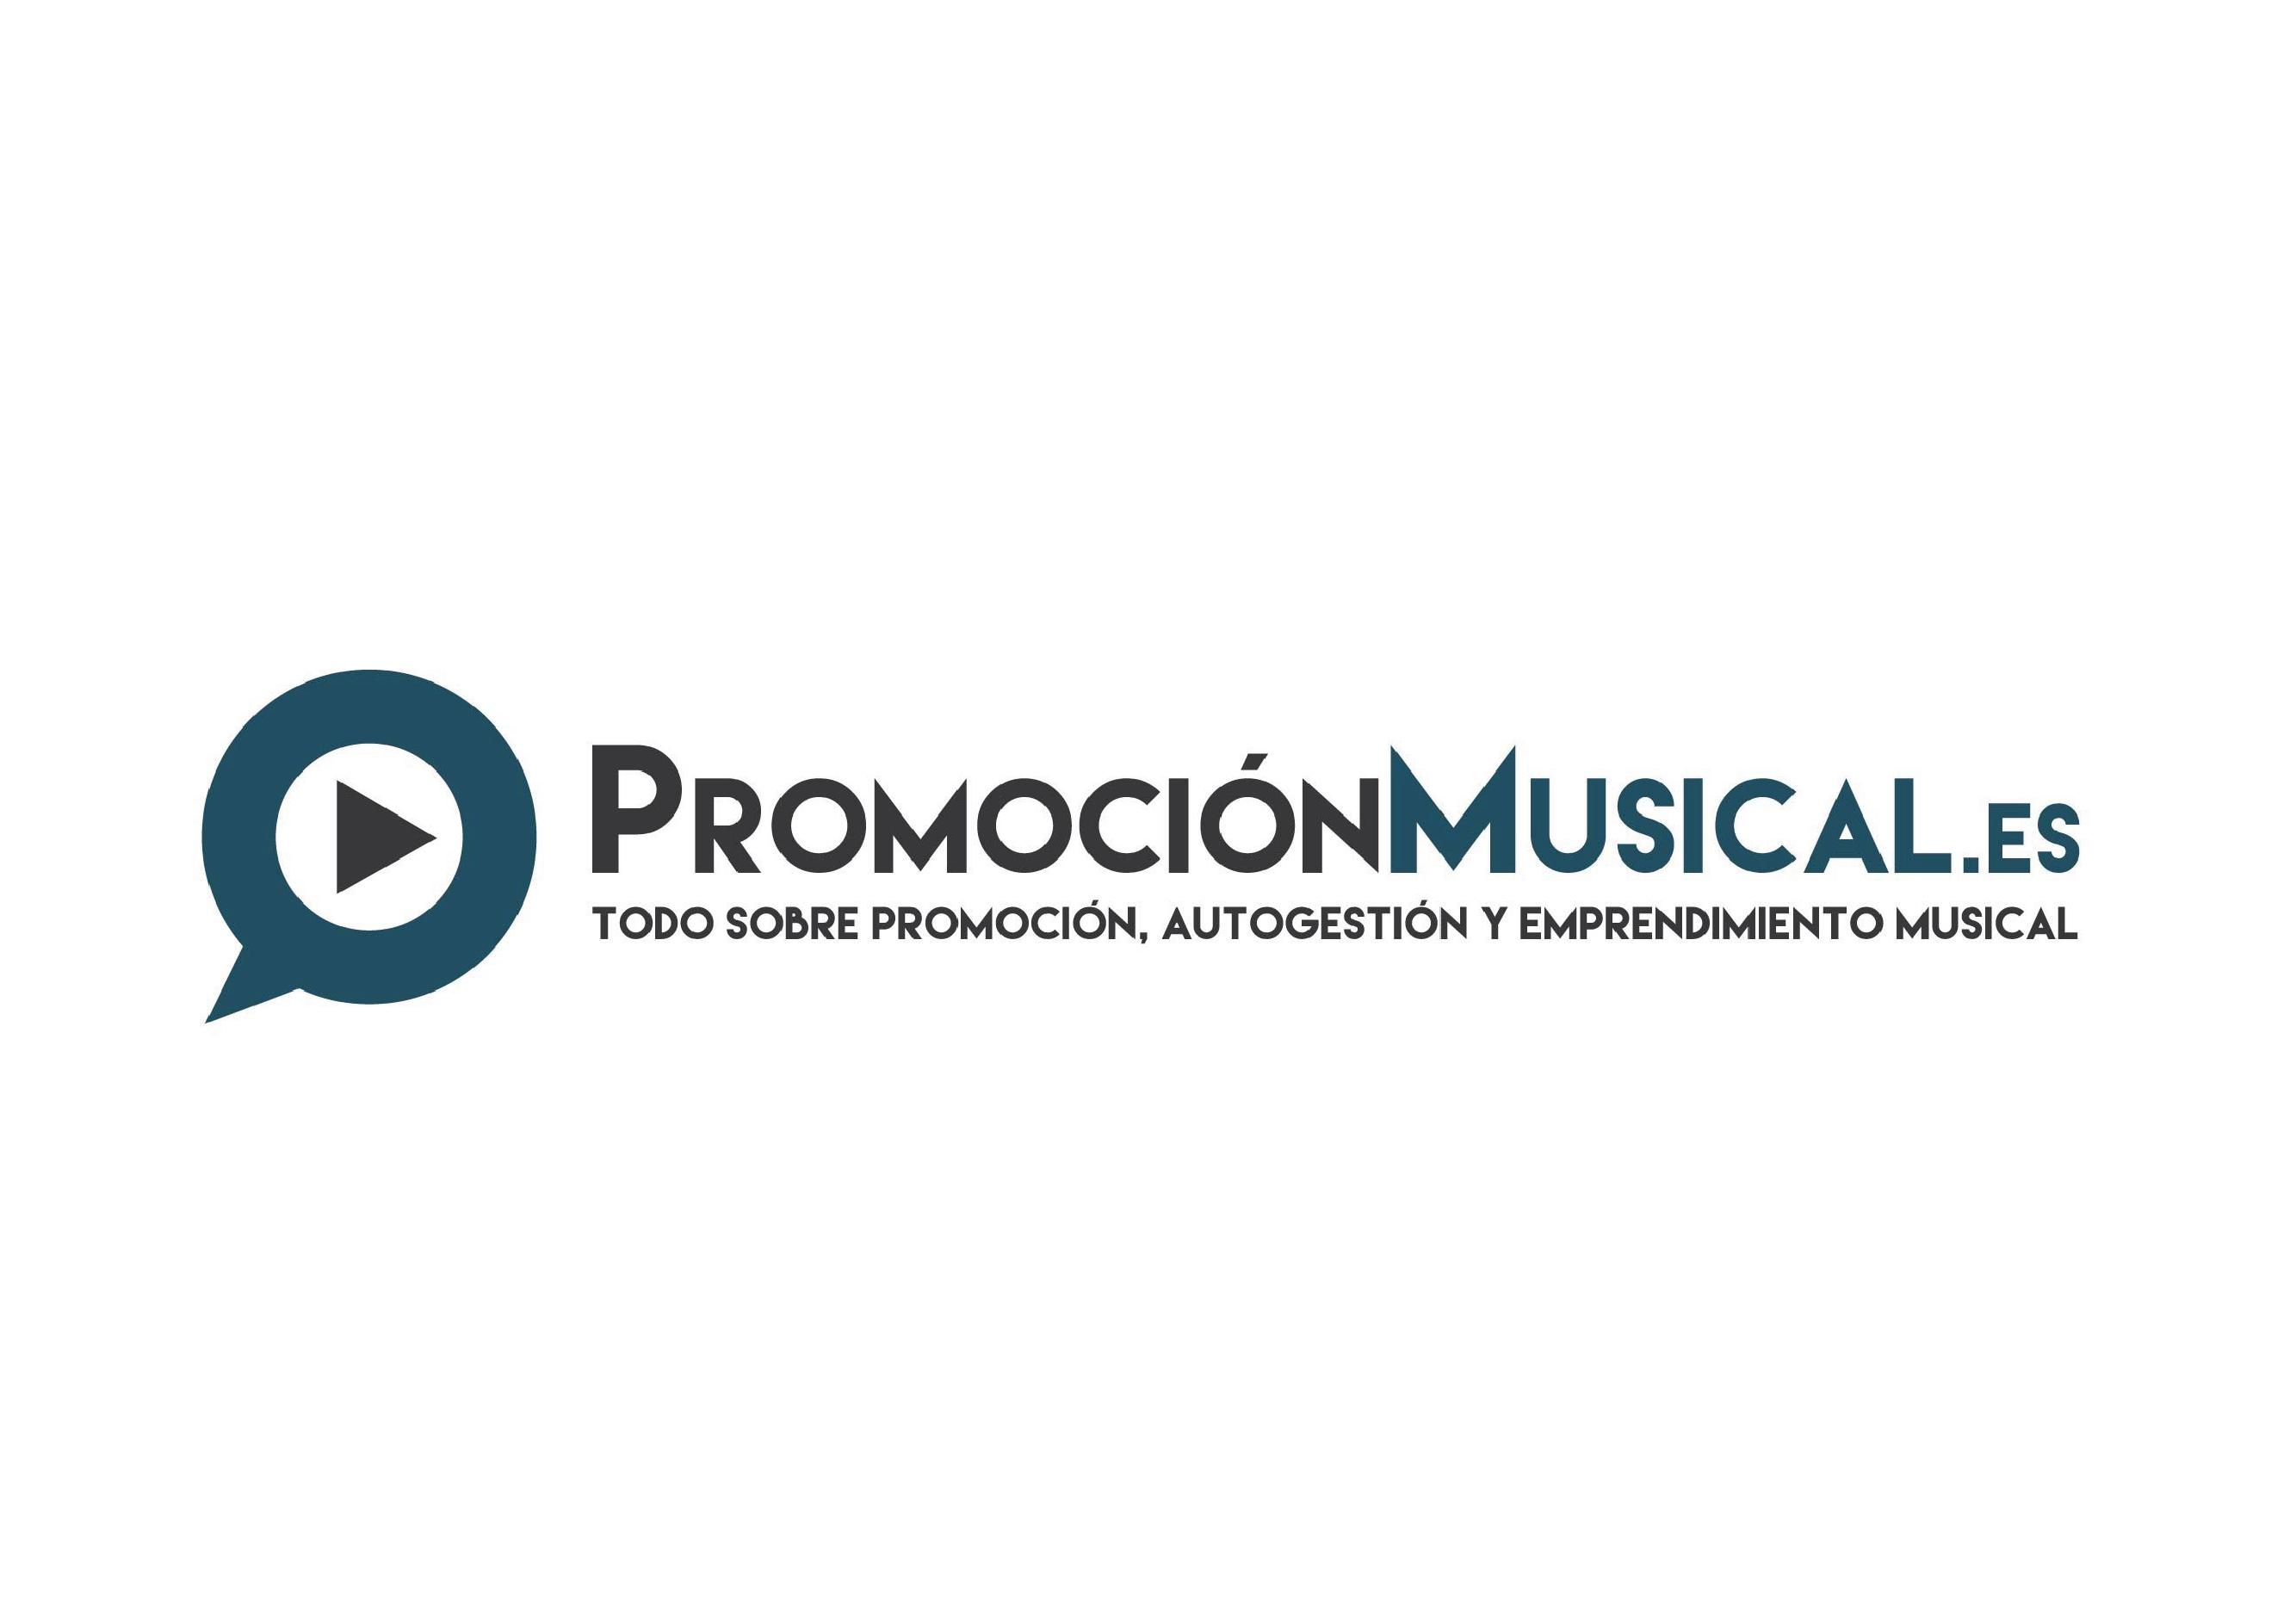 promocionmusicales